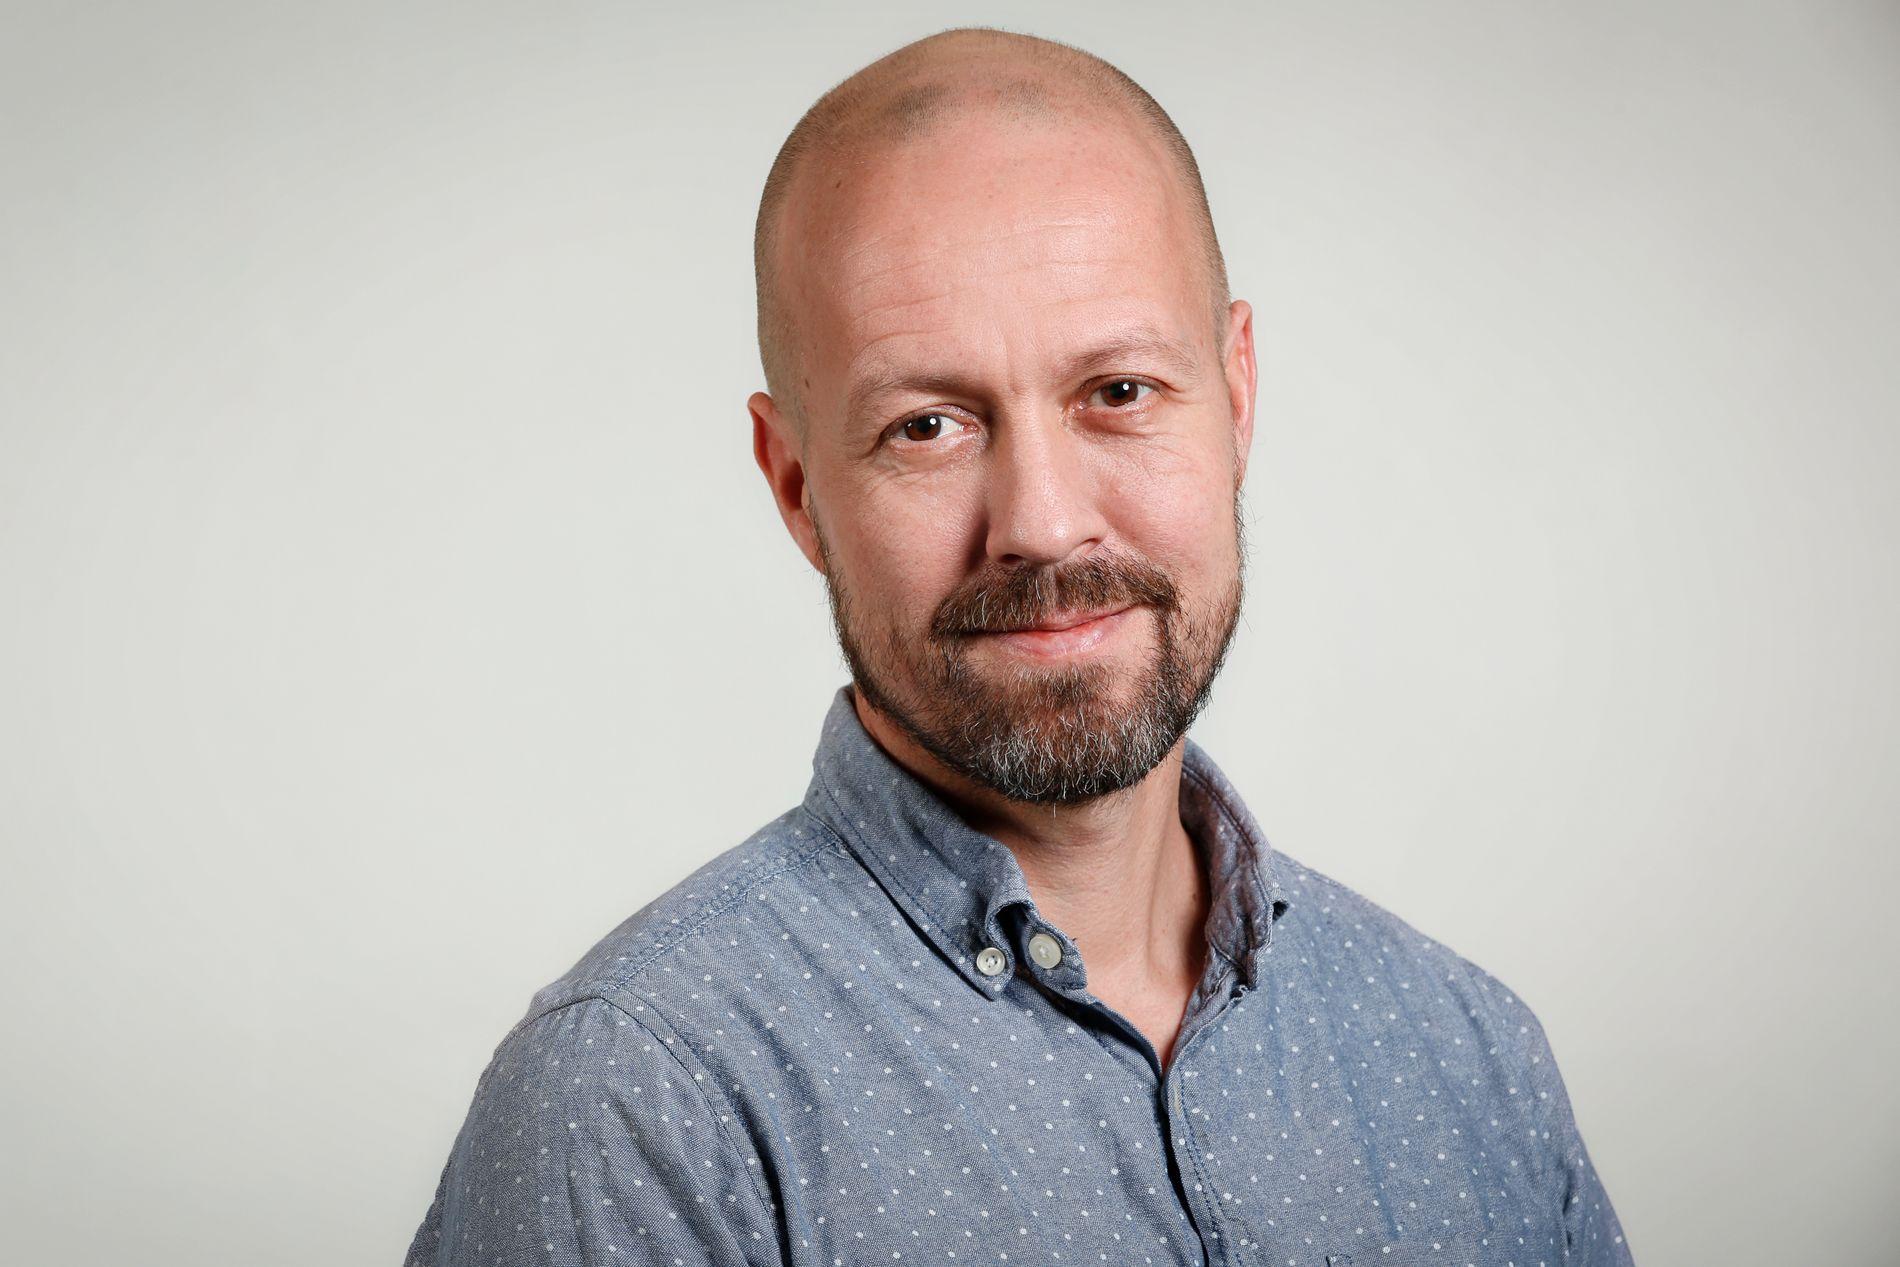 ETIKKREDAKTØR: Per Arne Kalbakk i NRK sier Folkeopplysningens eksperiment kan ha påvirket et reelt valg for noen.